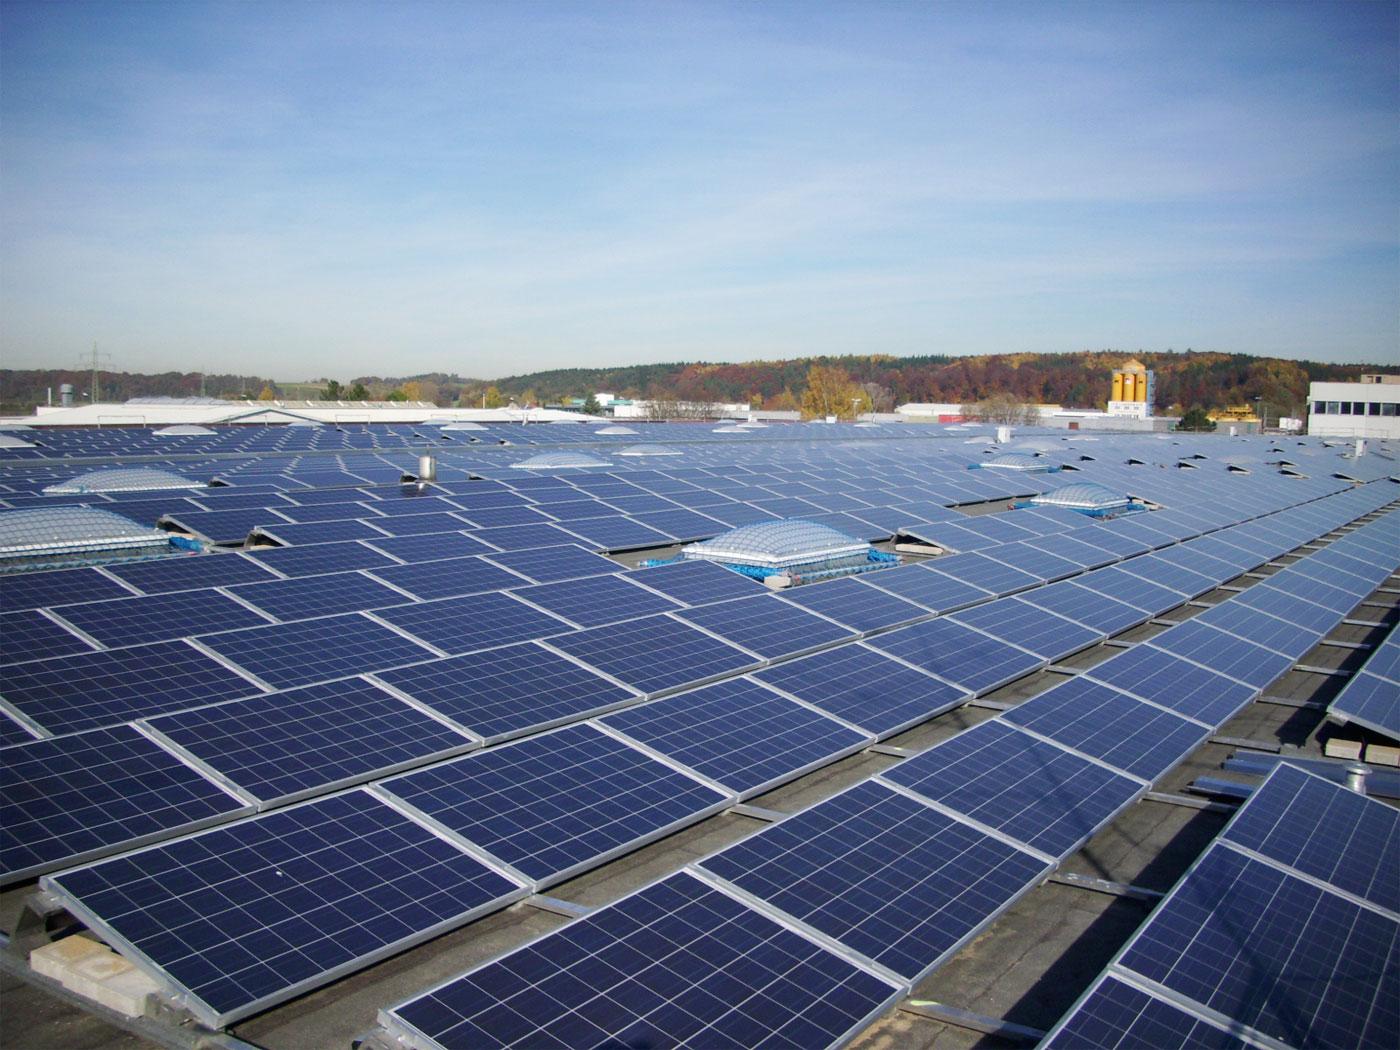 solar-power-panels-e1444478694402.jpg